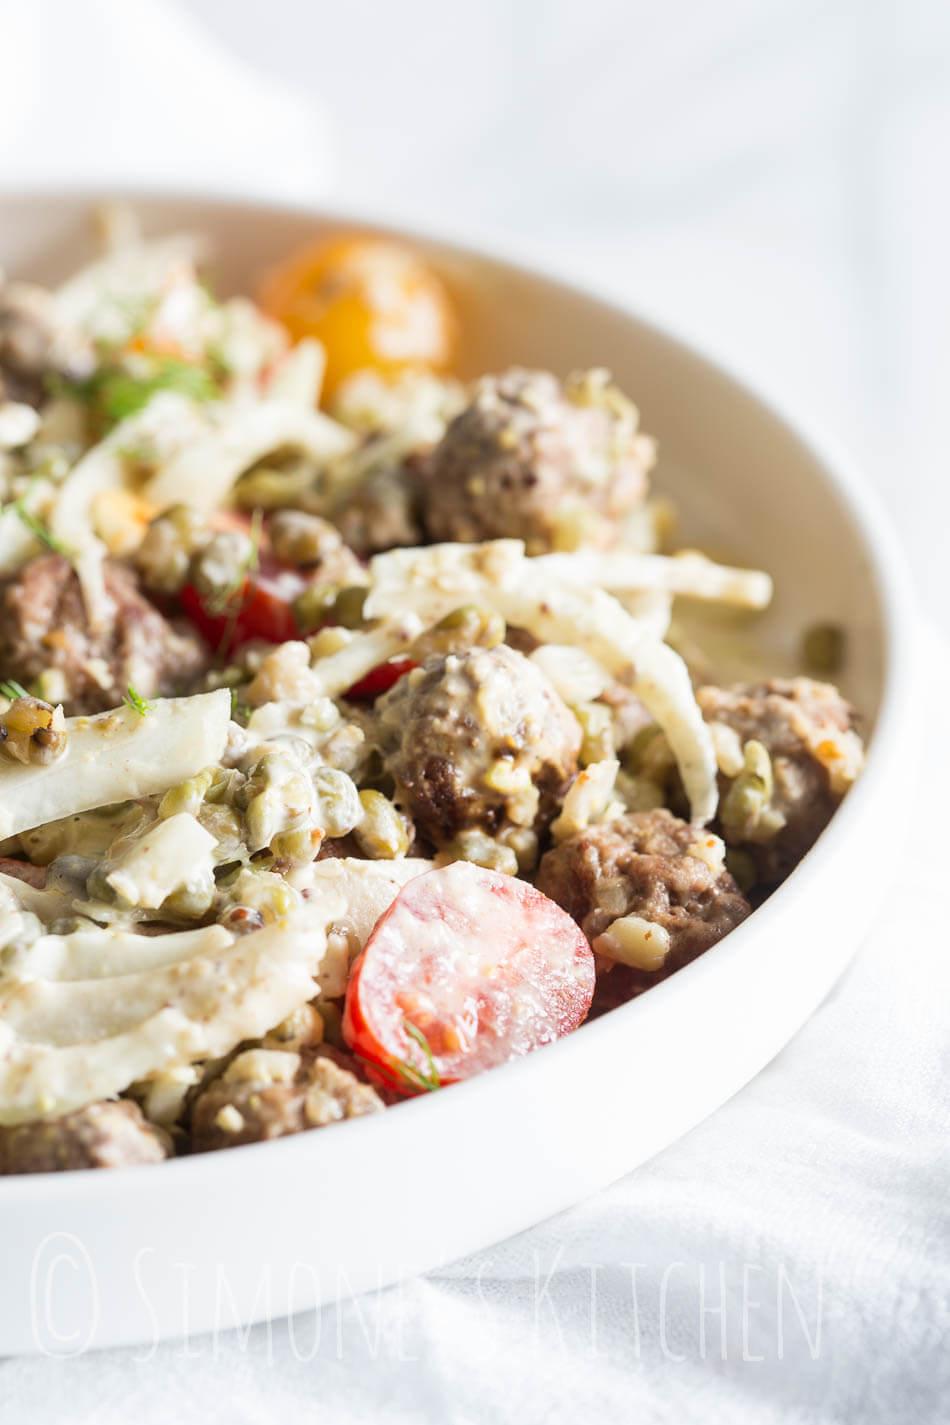 Salade met mungboontjes | simoneskitchen.nl